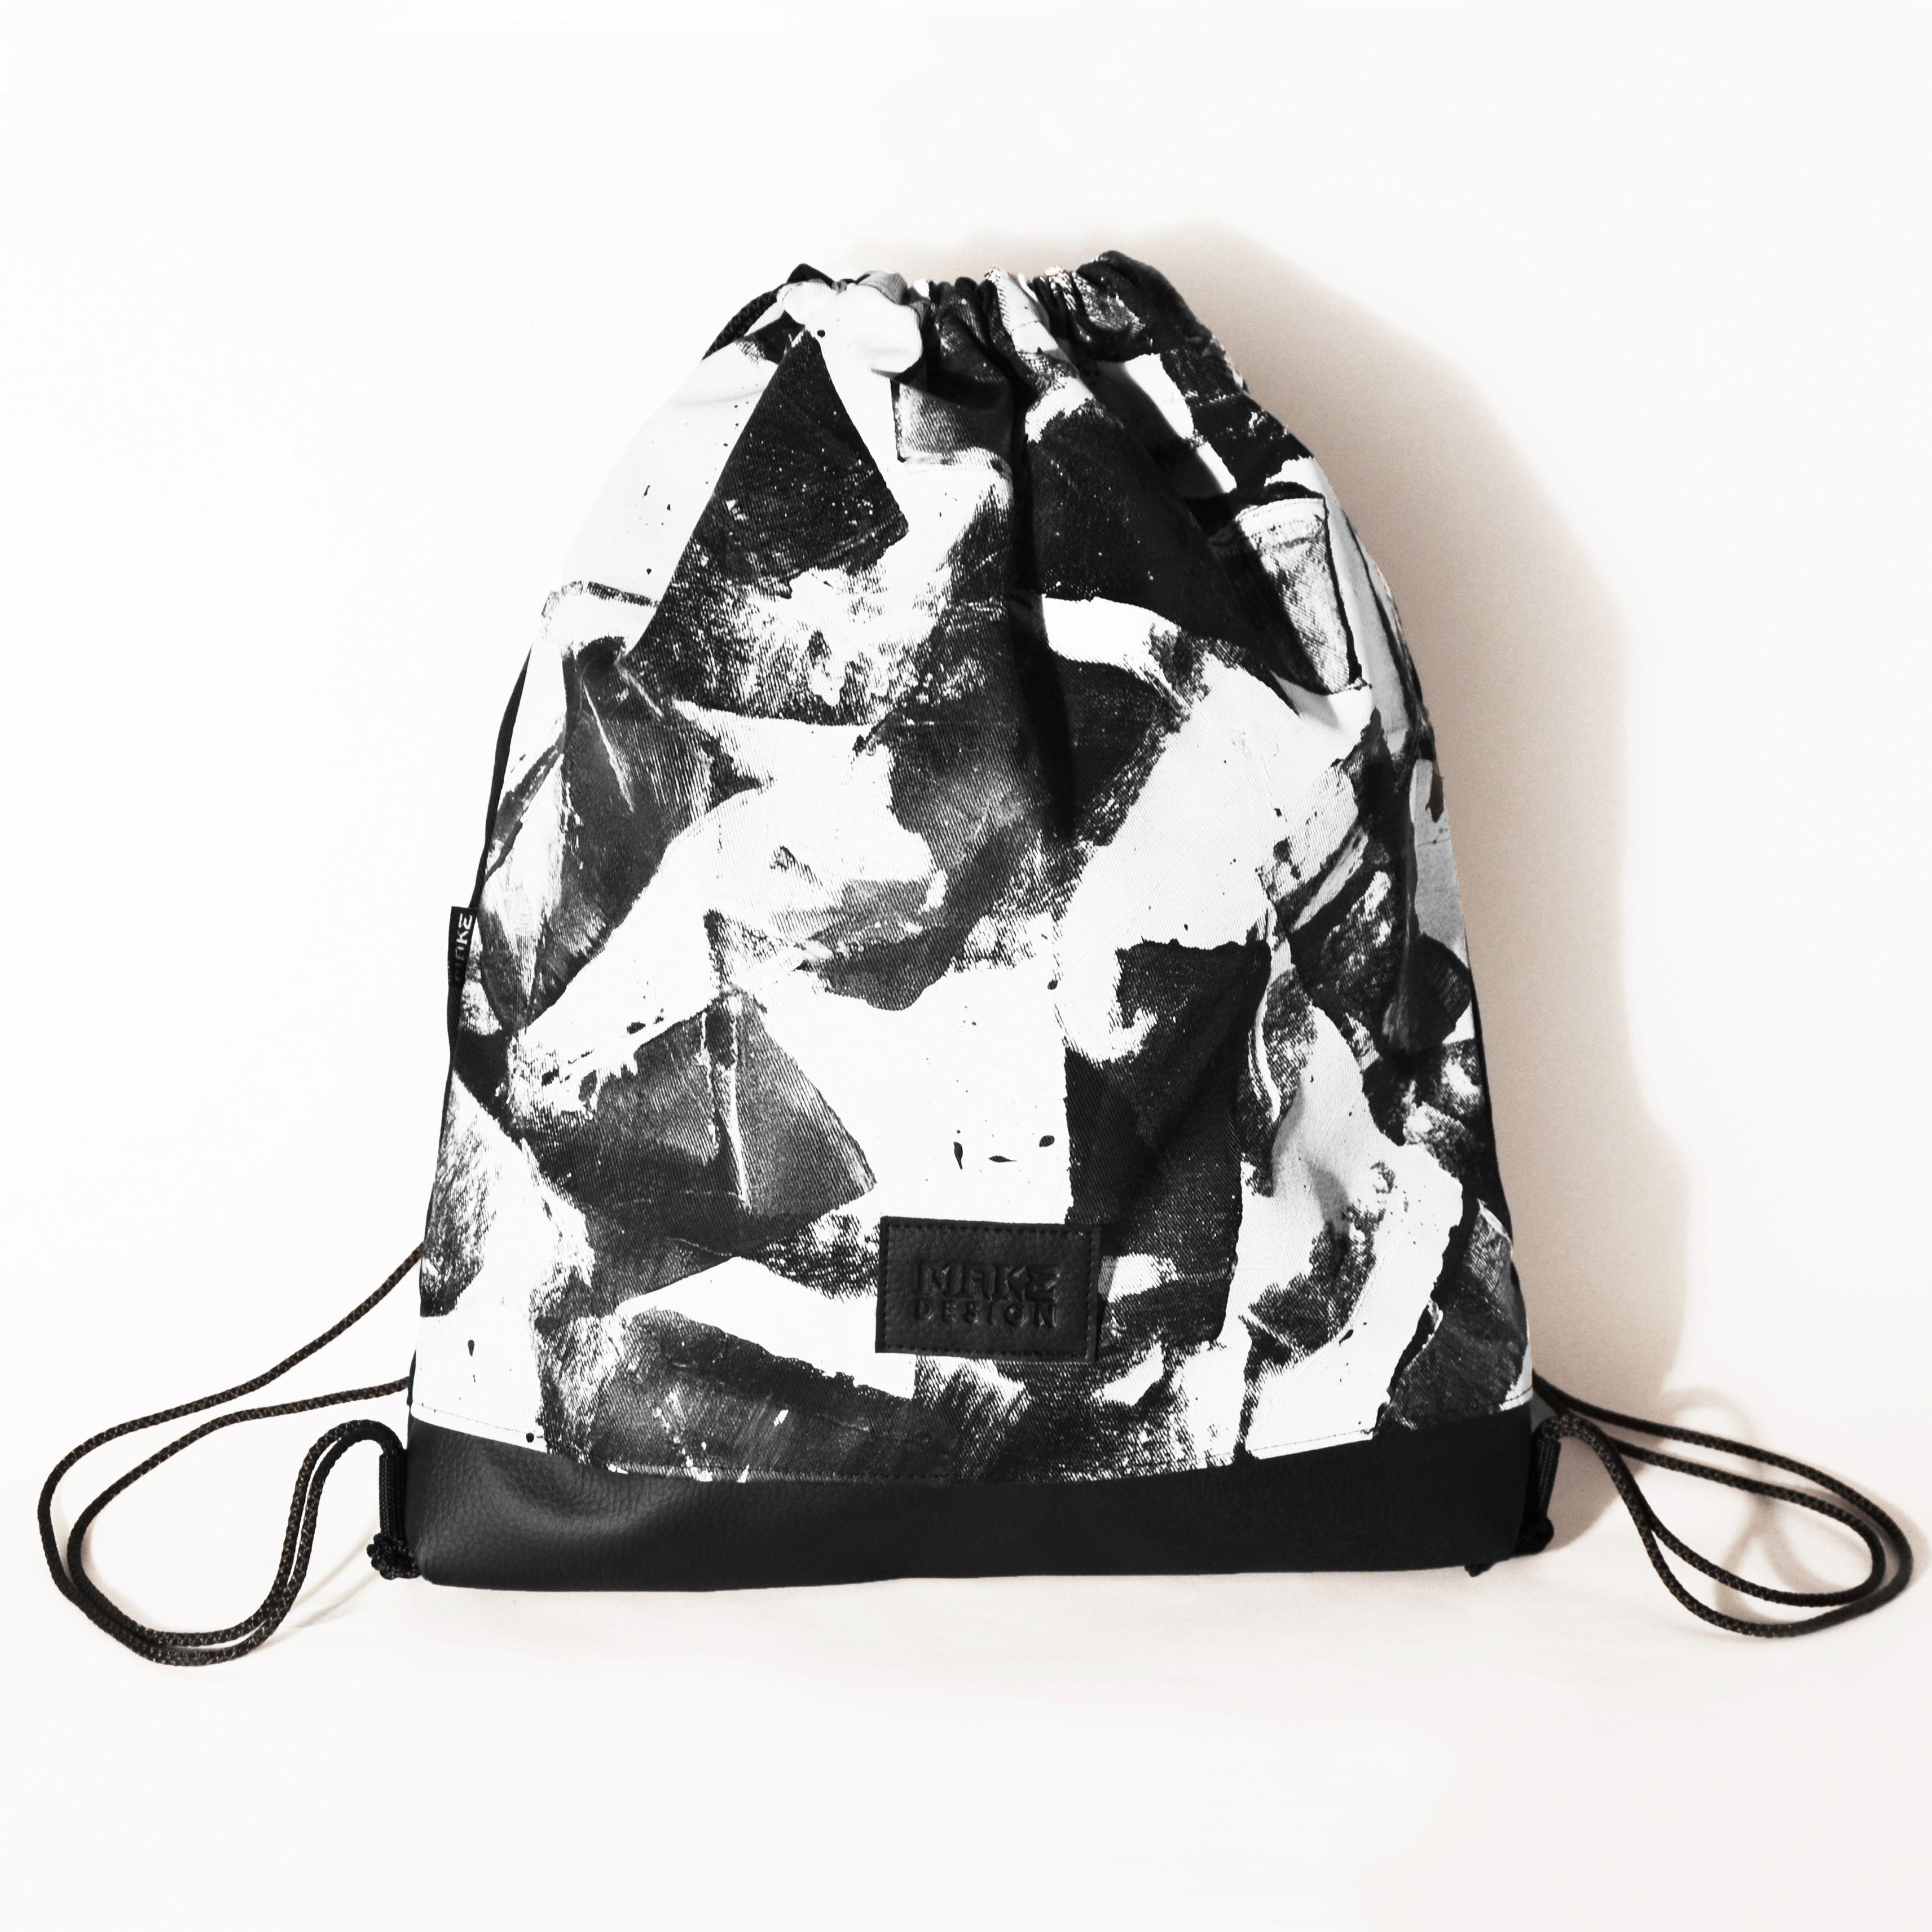 a23a66469b17 Drawstring Bag 2018 Design Blackyellow Stock Vector 780850255